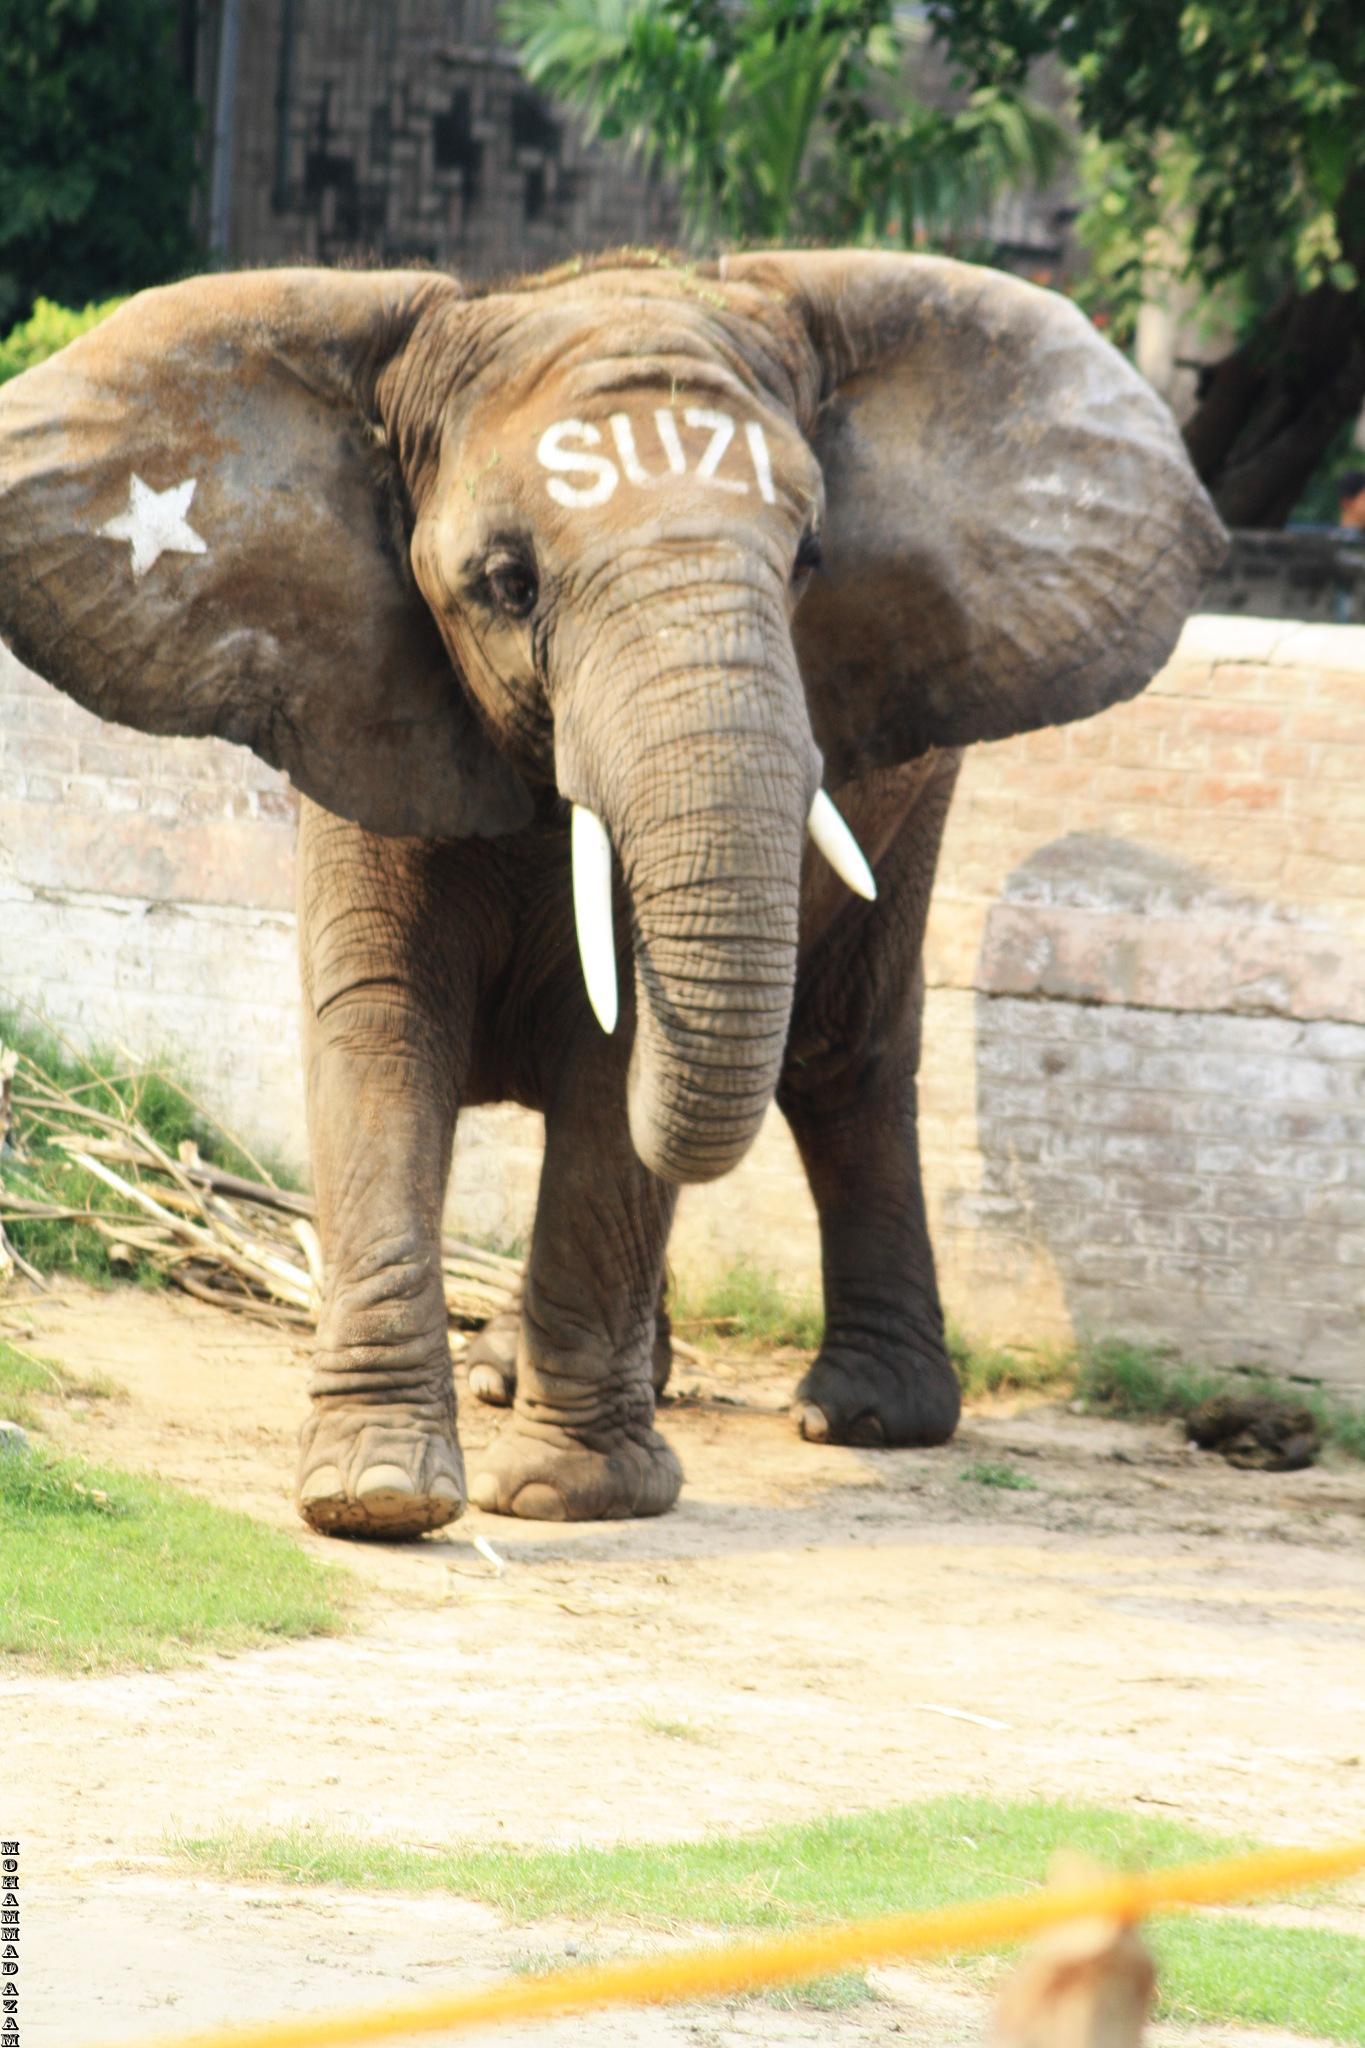 ELEPHANT 46 by Mohammad Azam